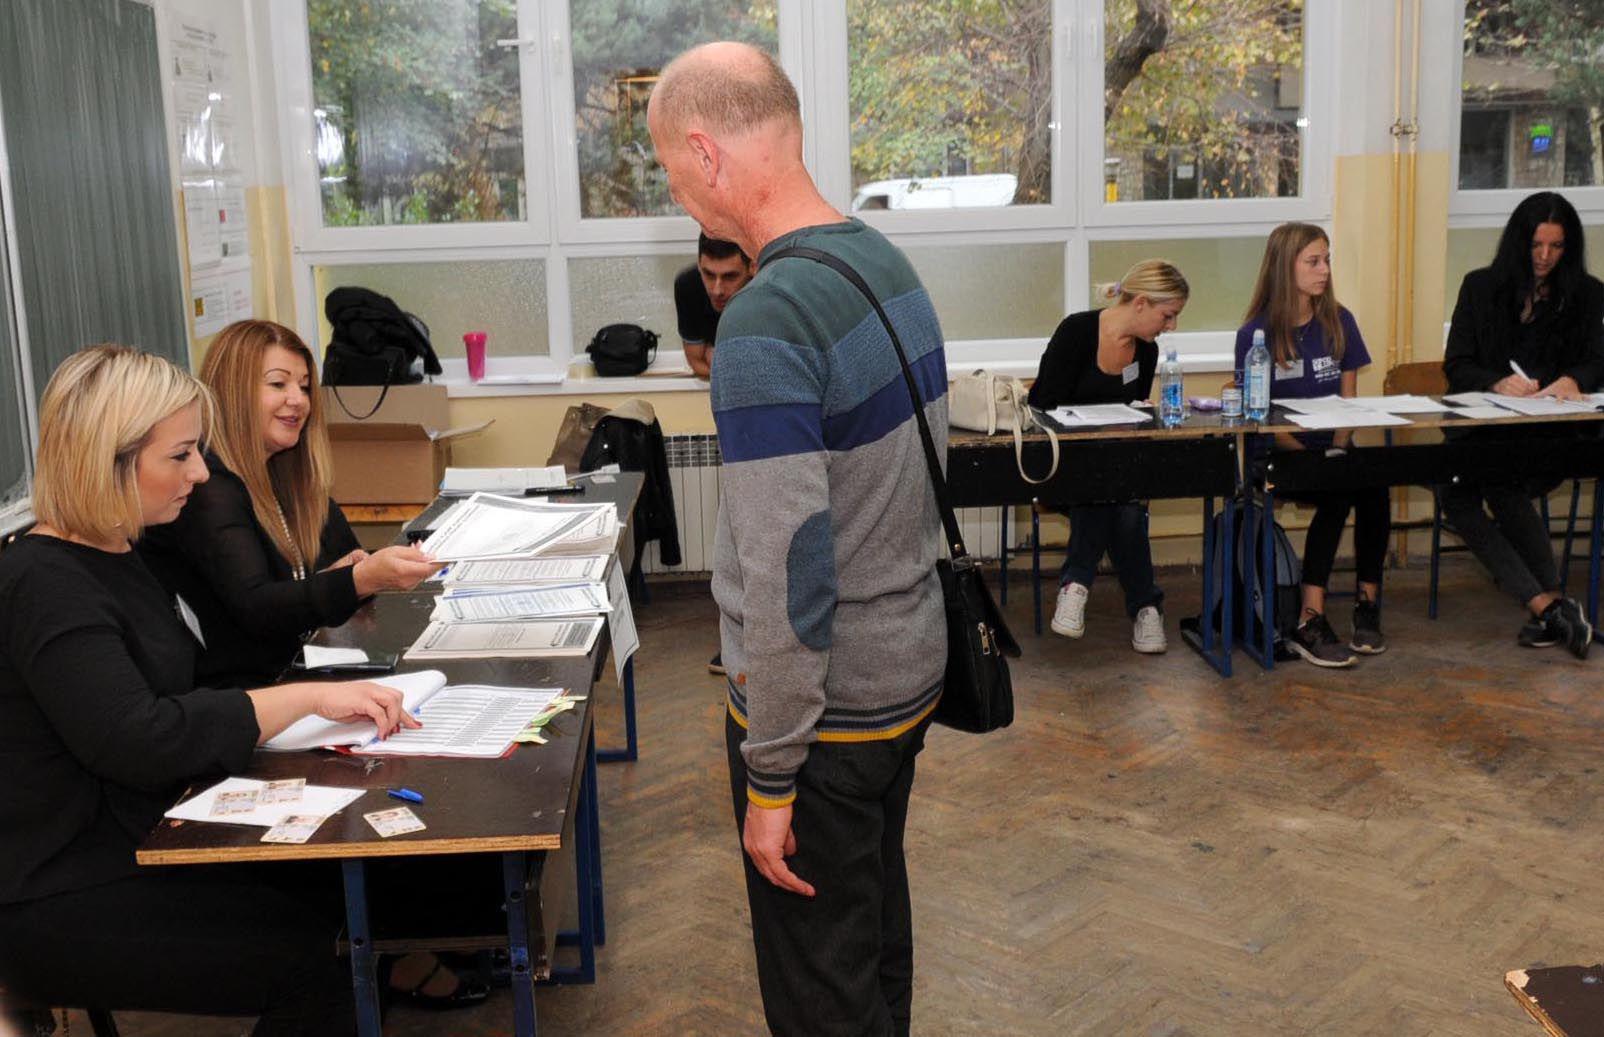 IZBORI U BiH Birališta zatvorena, oprečne informacije o ishodu glasovanja